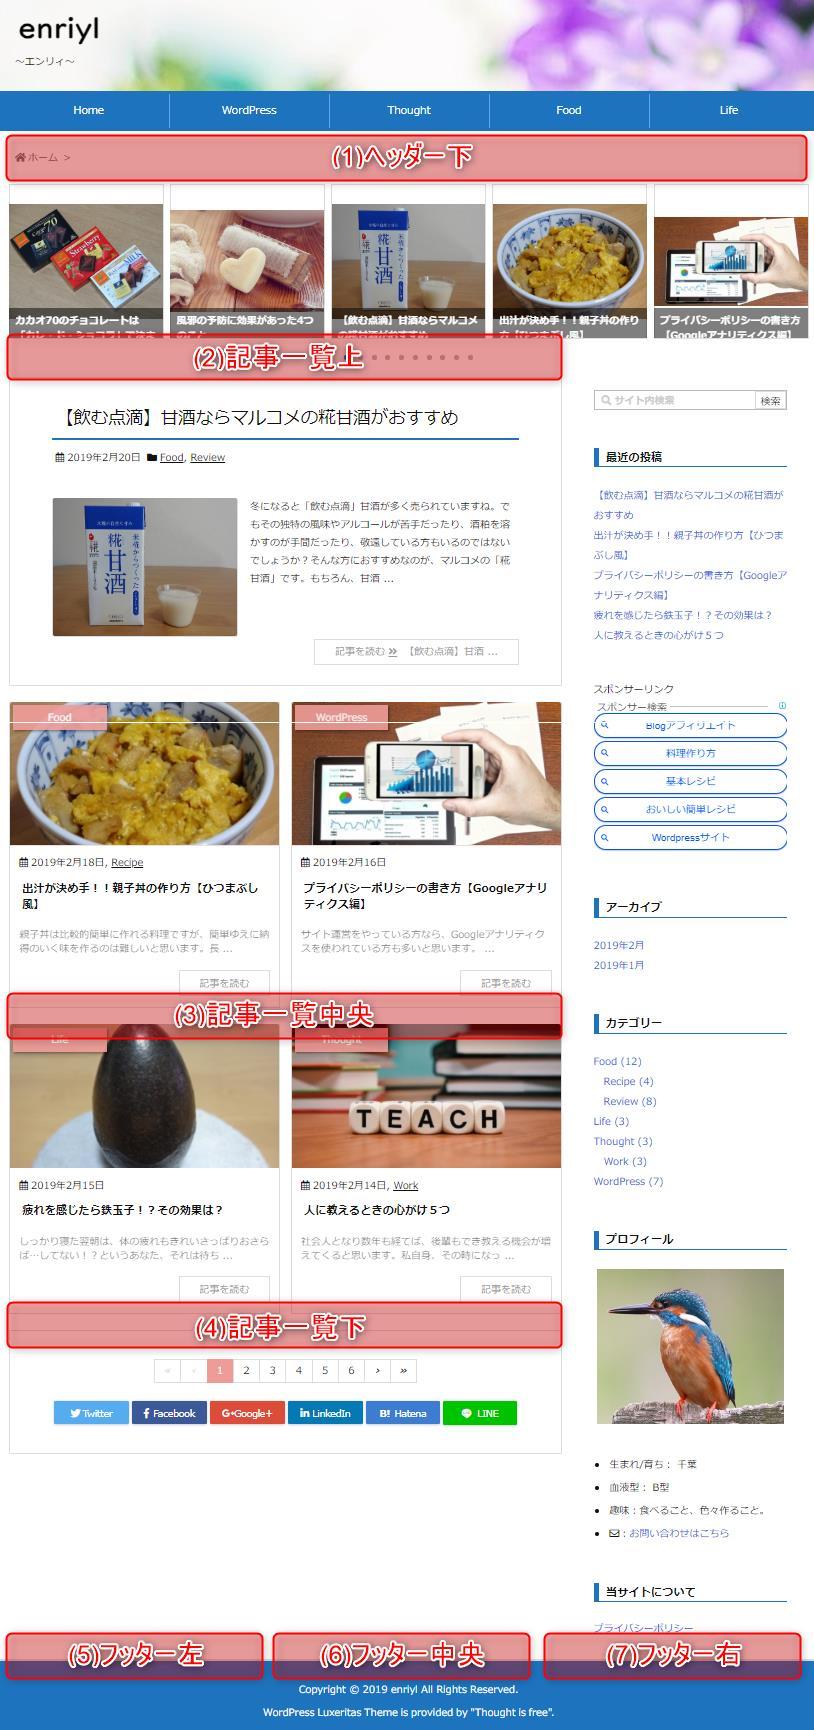 広告表示位置 ホームページ